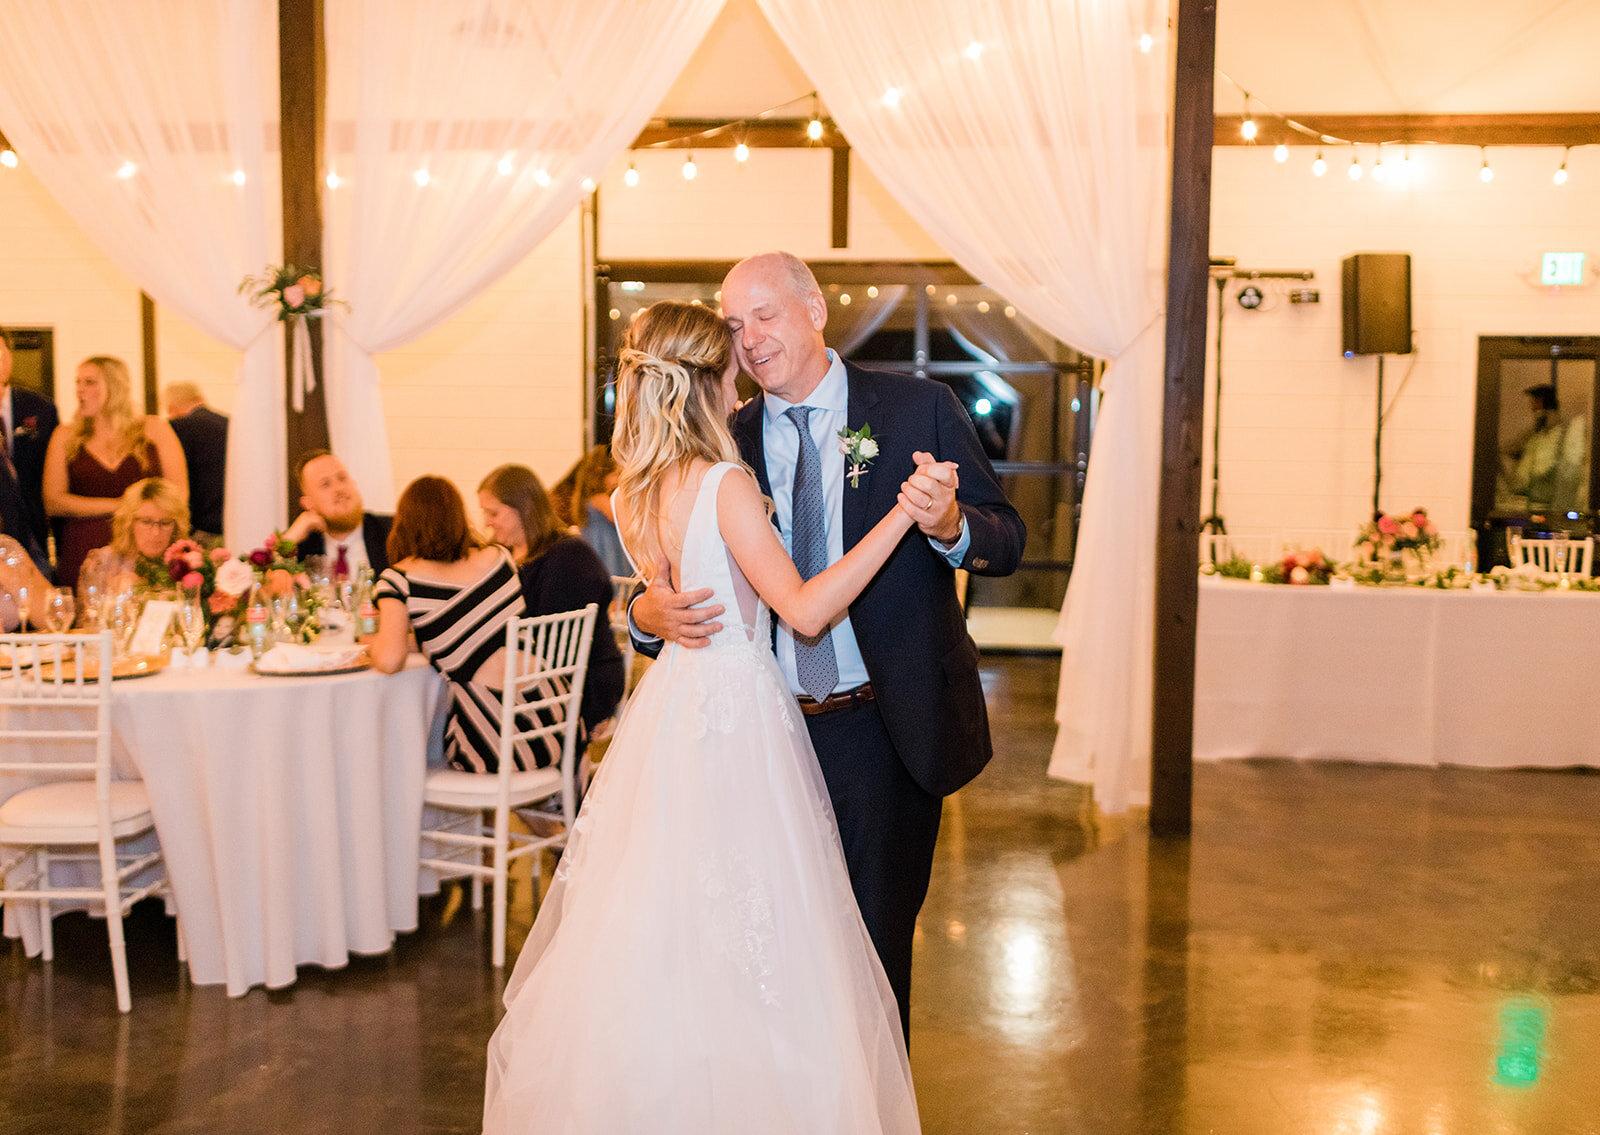 Tulsa Oklahoma Wedding Venues 89.jpg